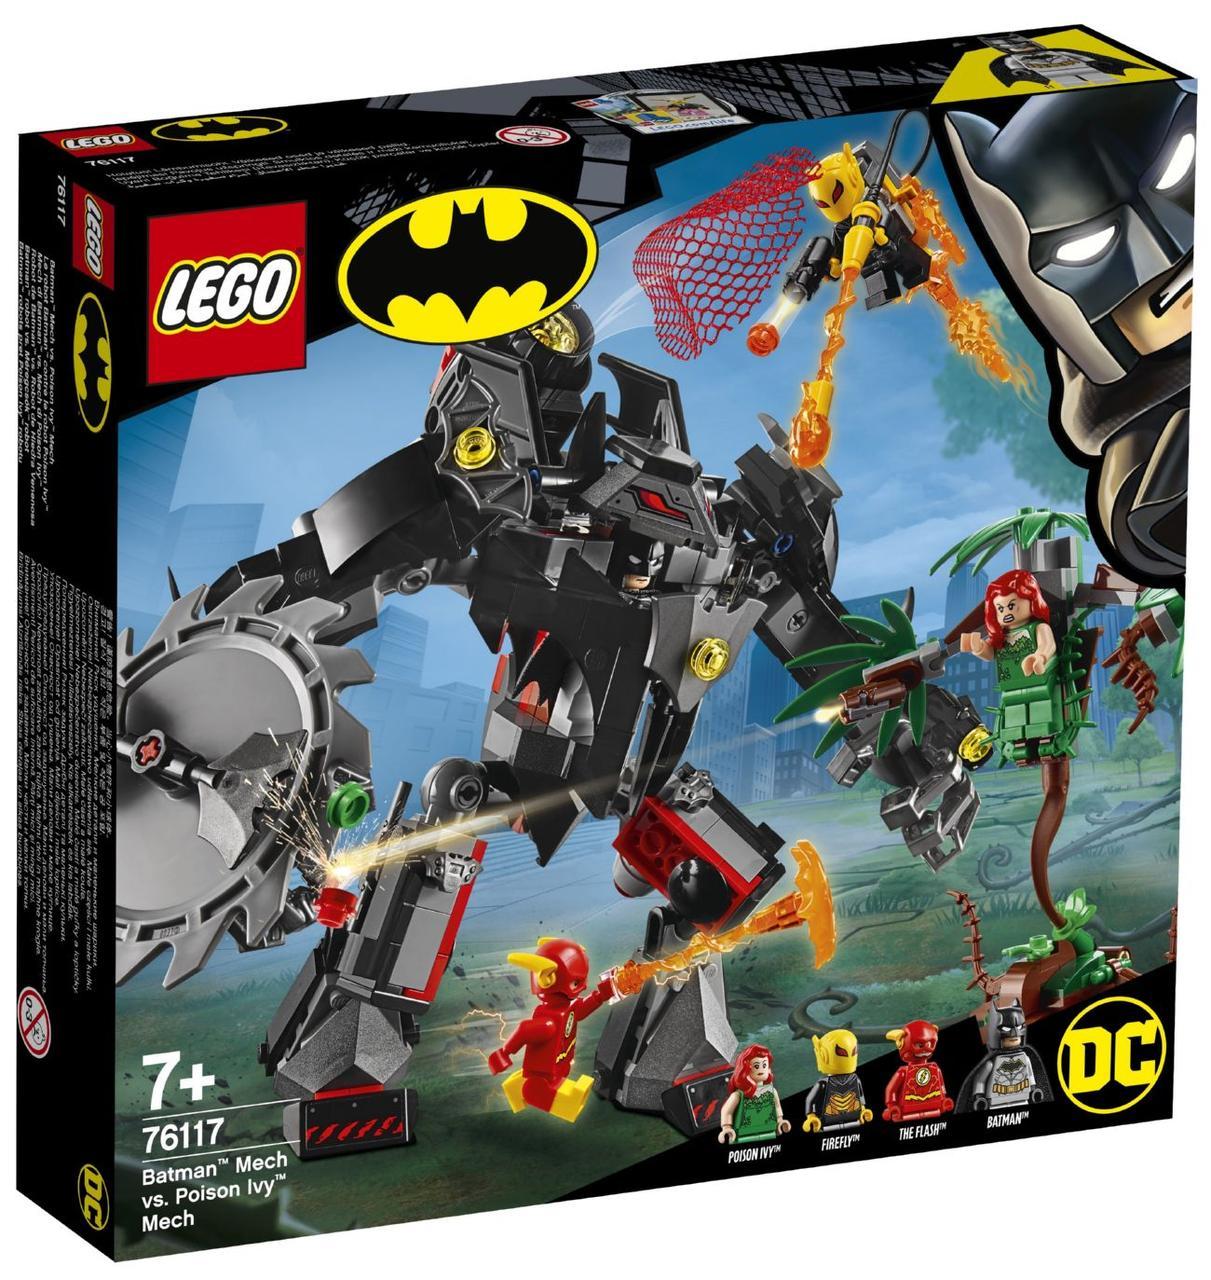 Lego Super Heroes Робот проти Бетмена робота Отруйного Плюща 76117